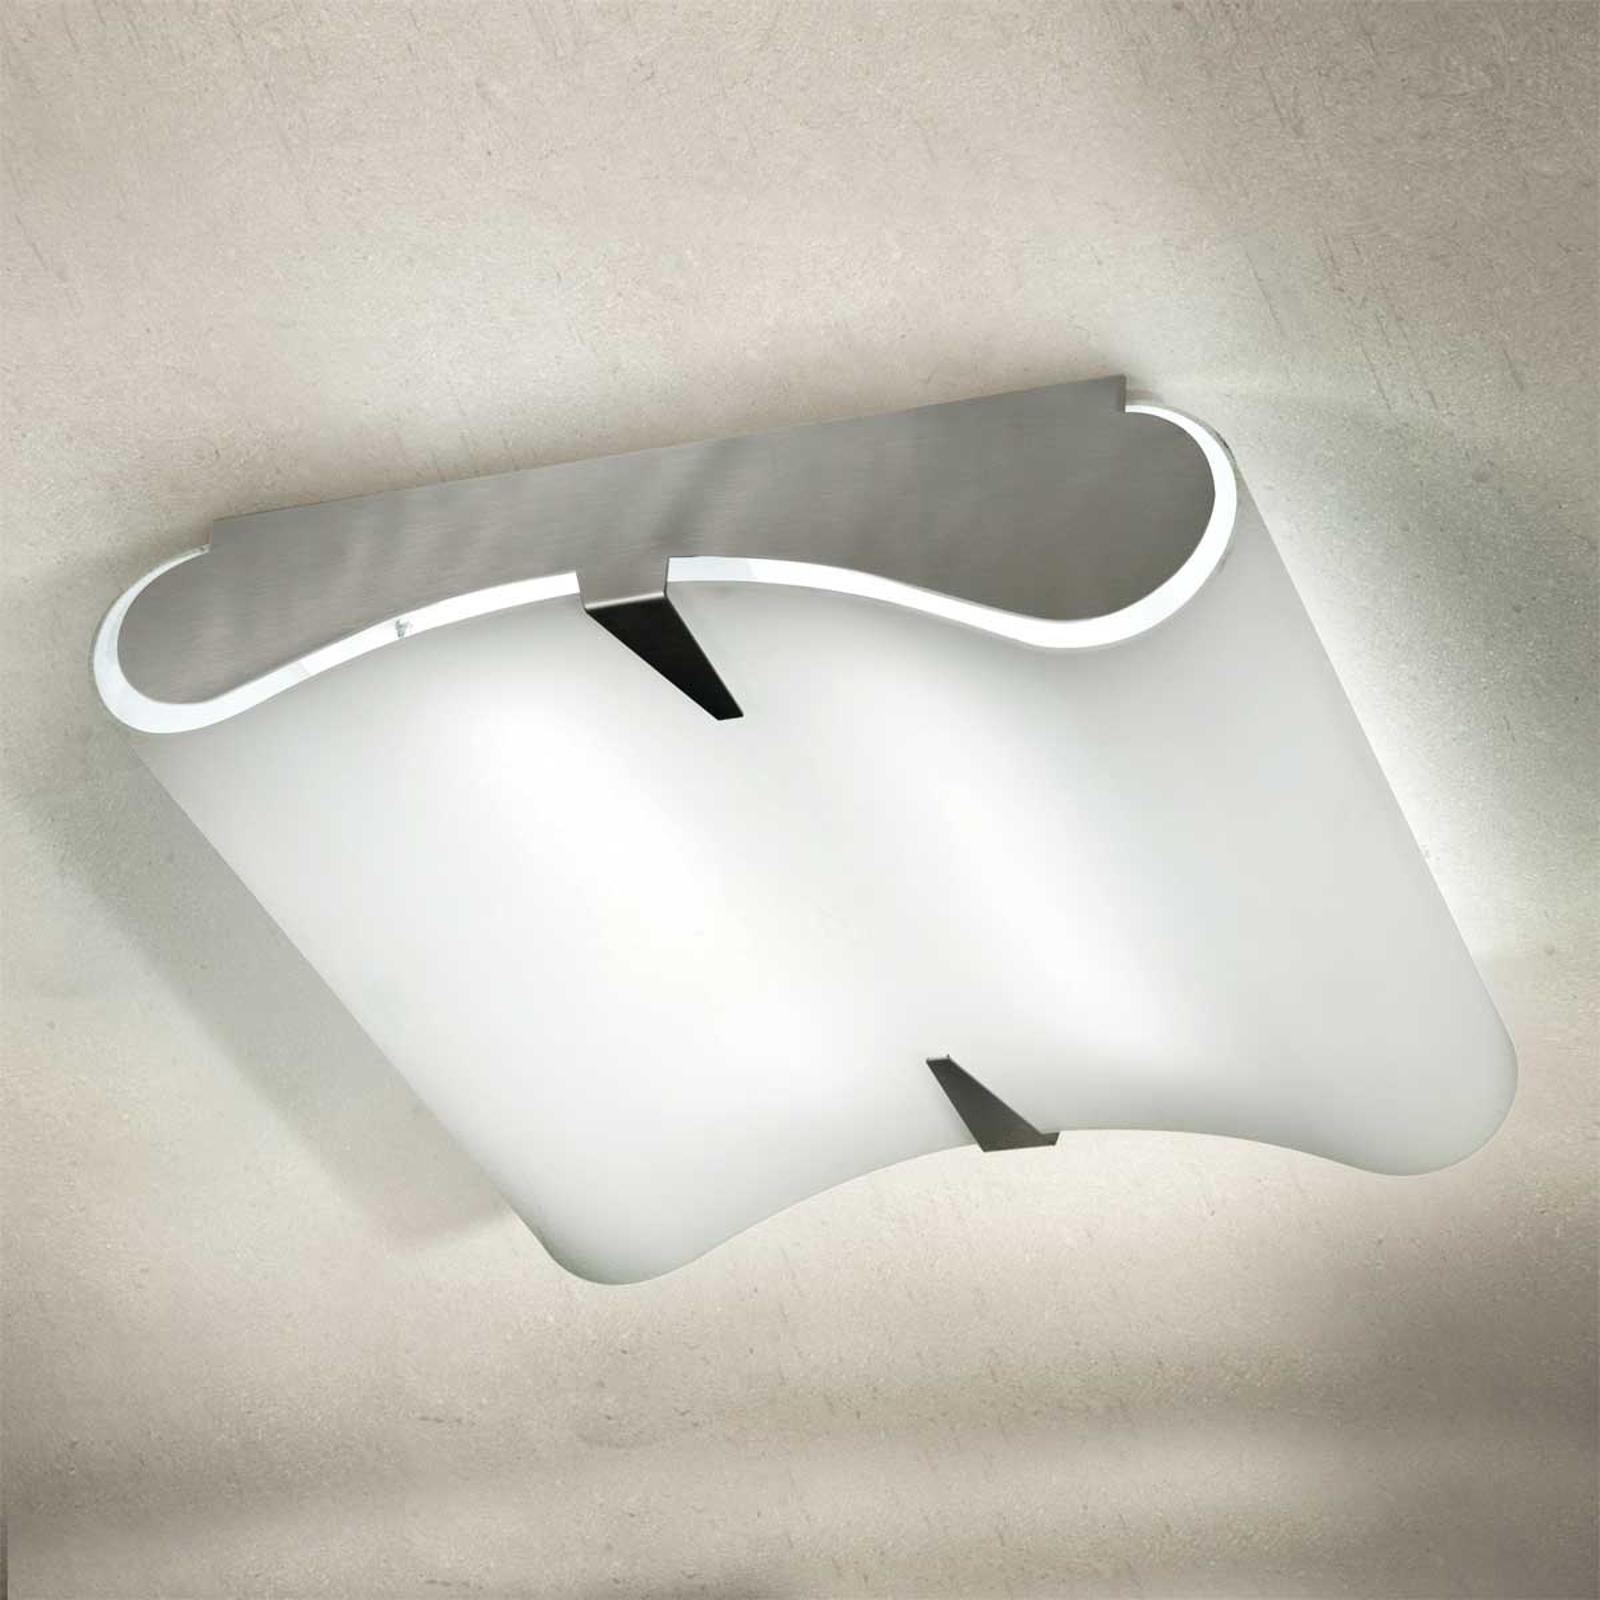 Hvelvet taklampe SECRET 9220, E27, 40x40 cm